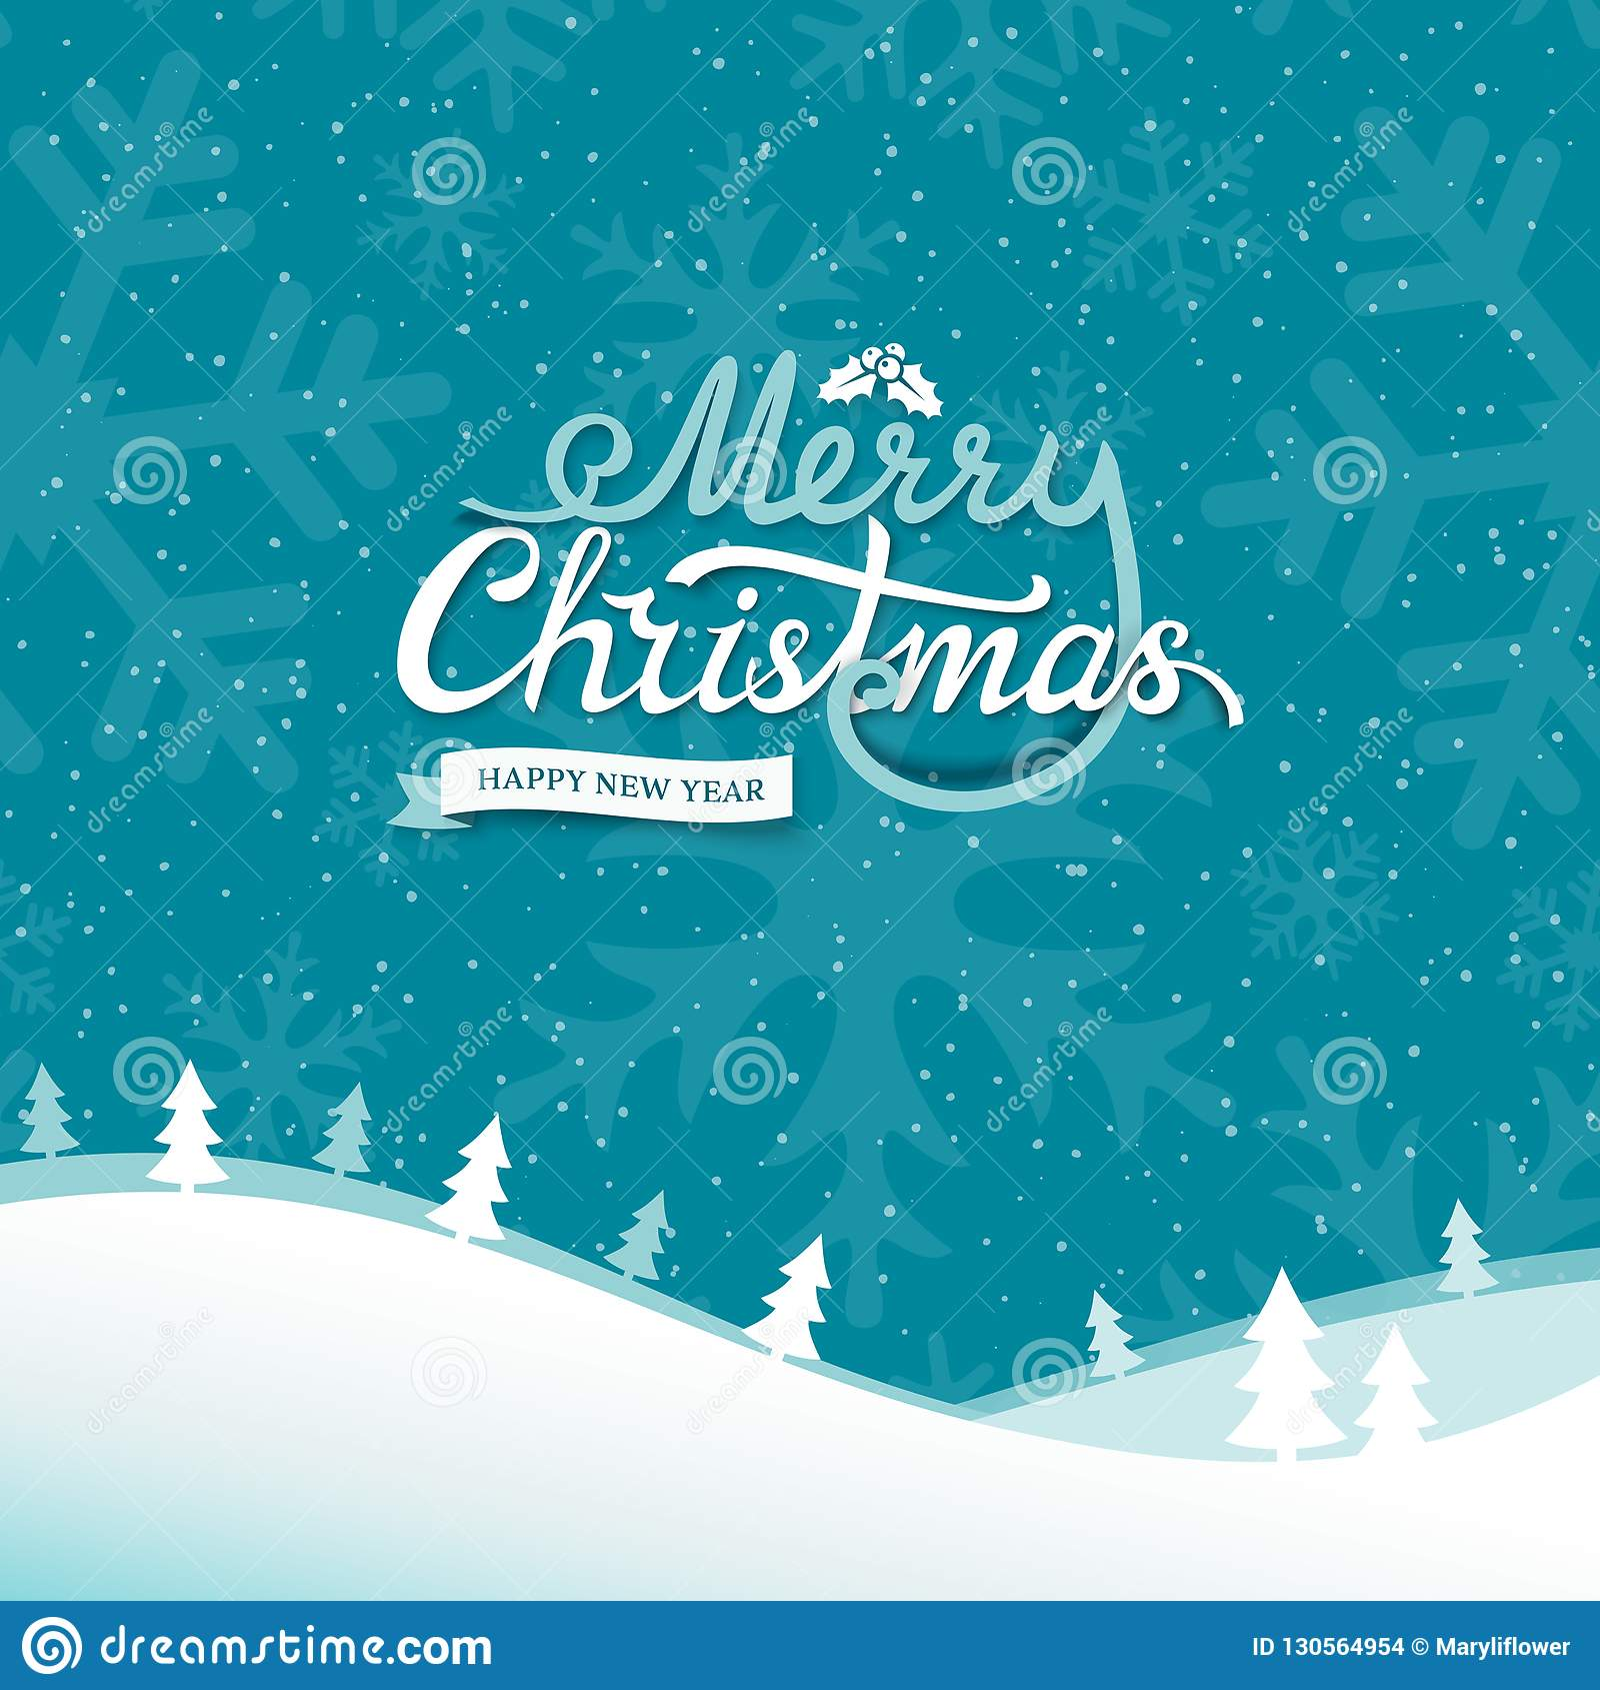 Buon Natale Del C Testo.Etichetta Calligrafica Del Testo Del Nuovo Anno E Di Buon Natale Con